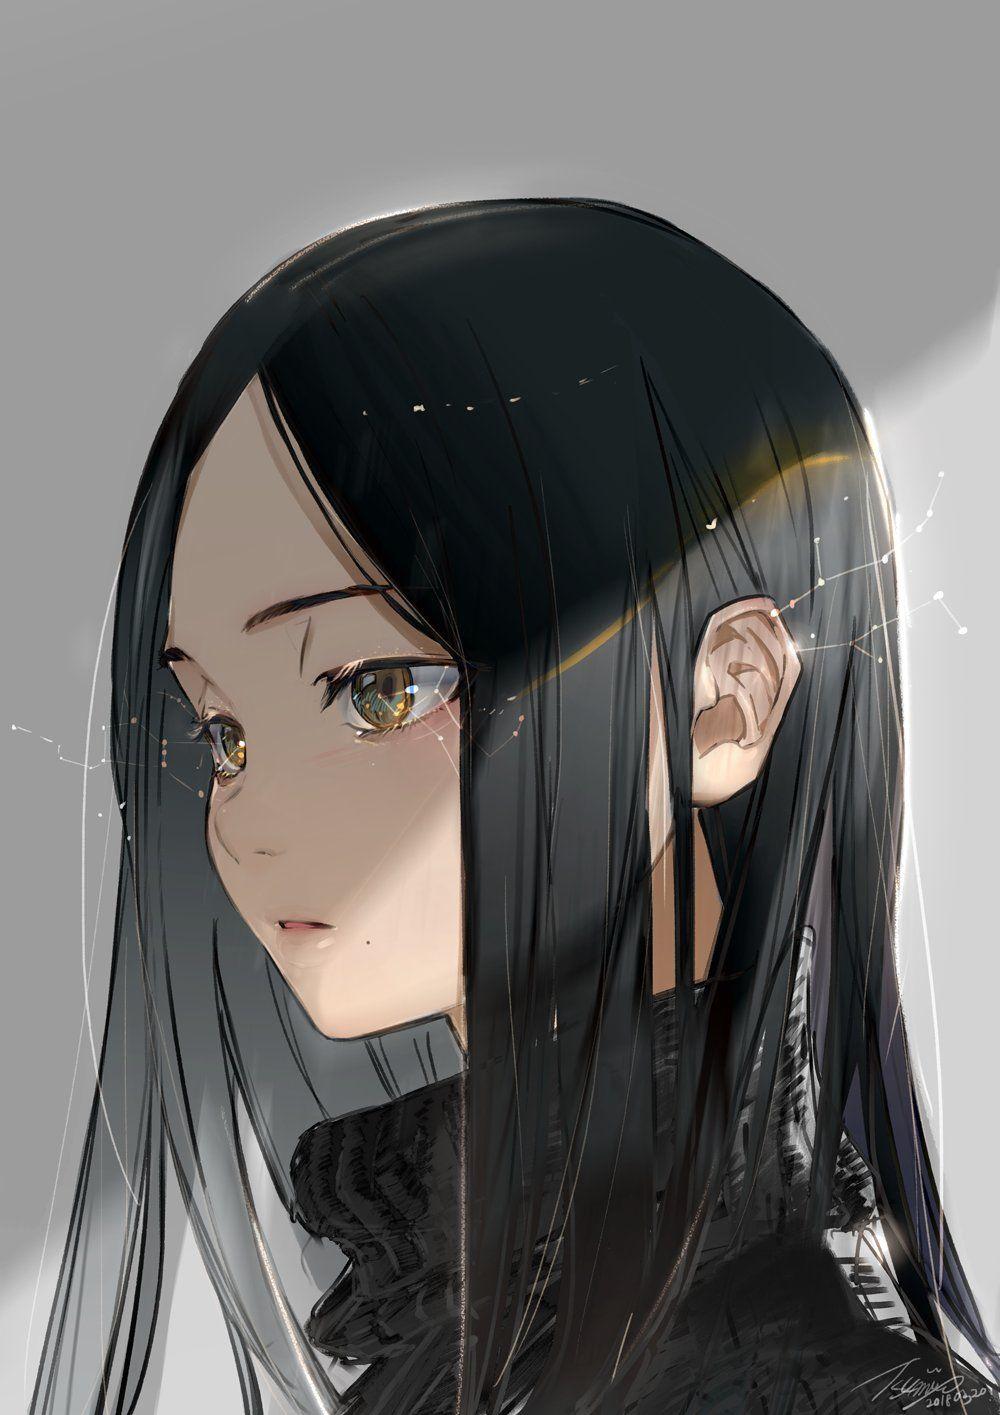 Pin on ♡ Anime Girls